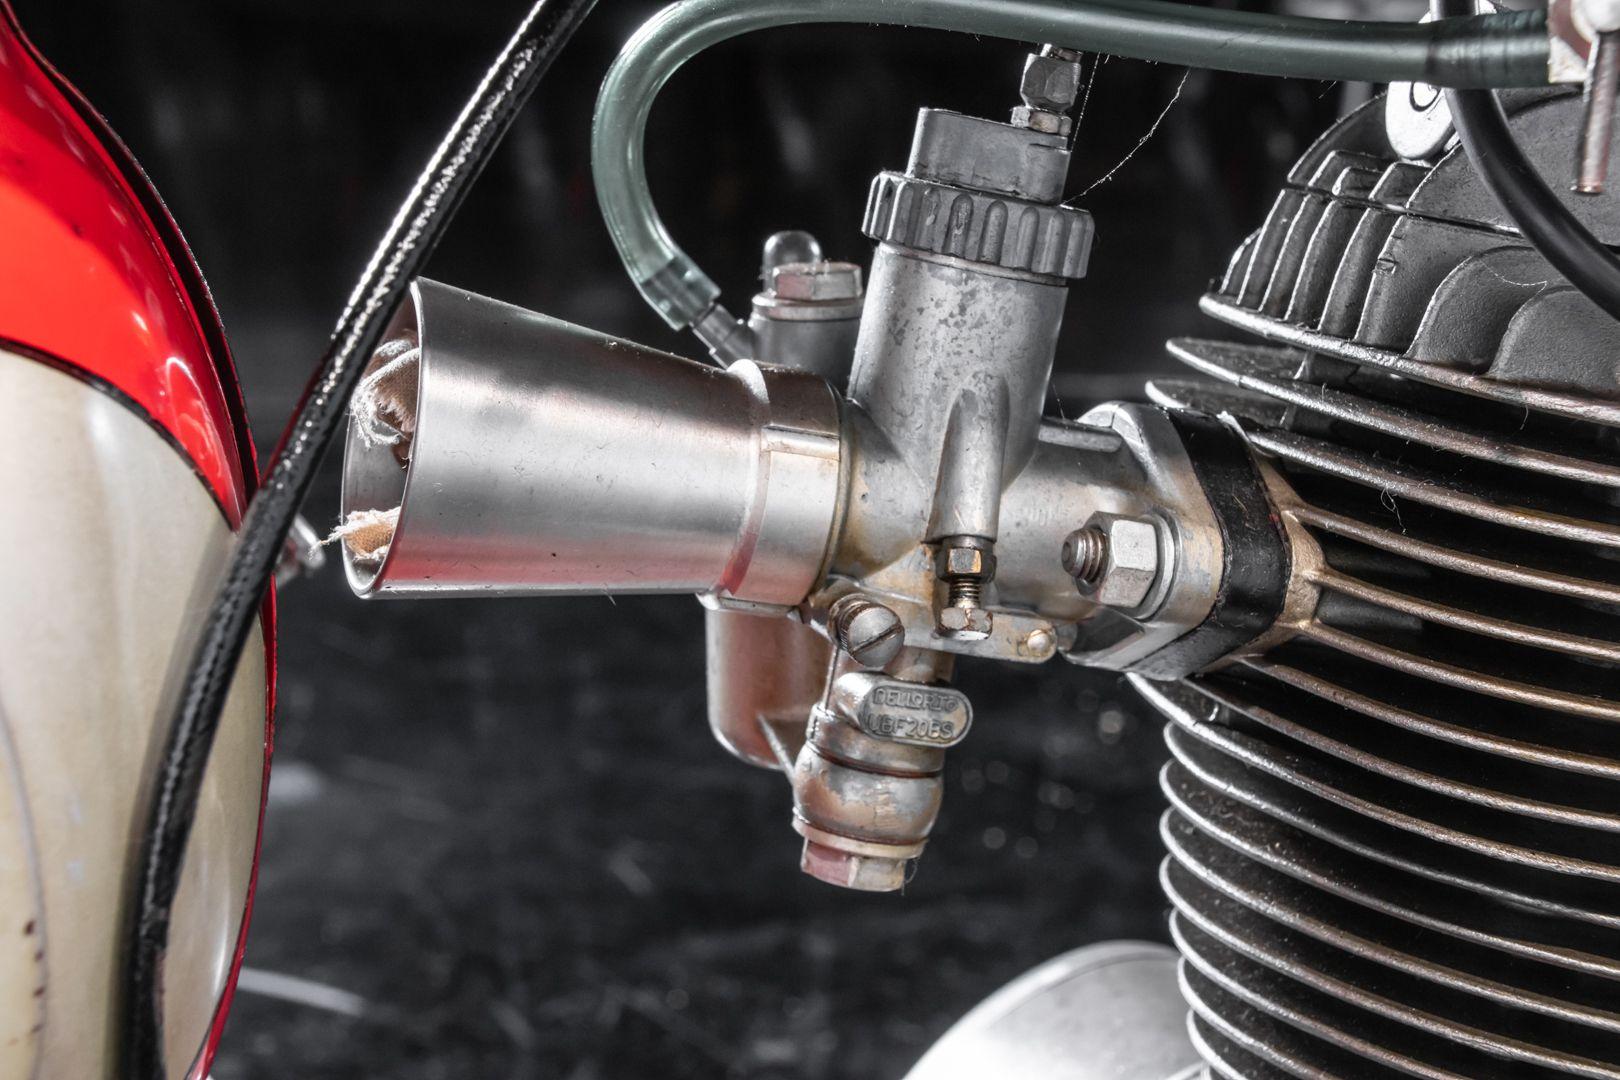 1968 Moto Morini Corsaro Sport Veloce 125 77765